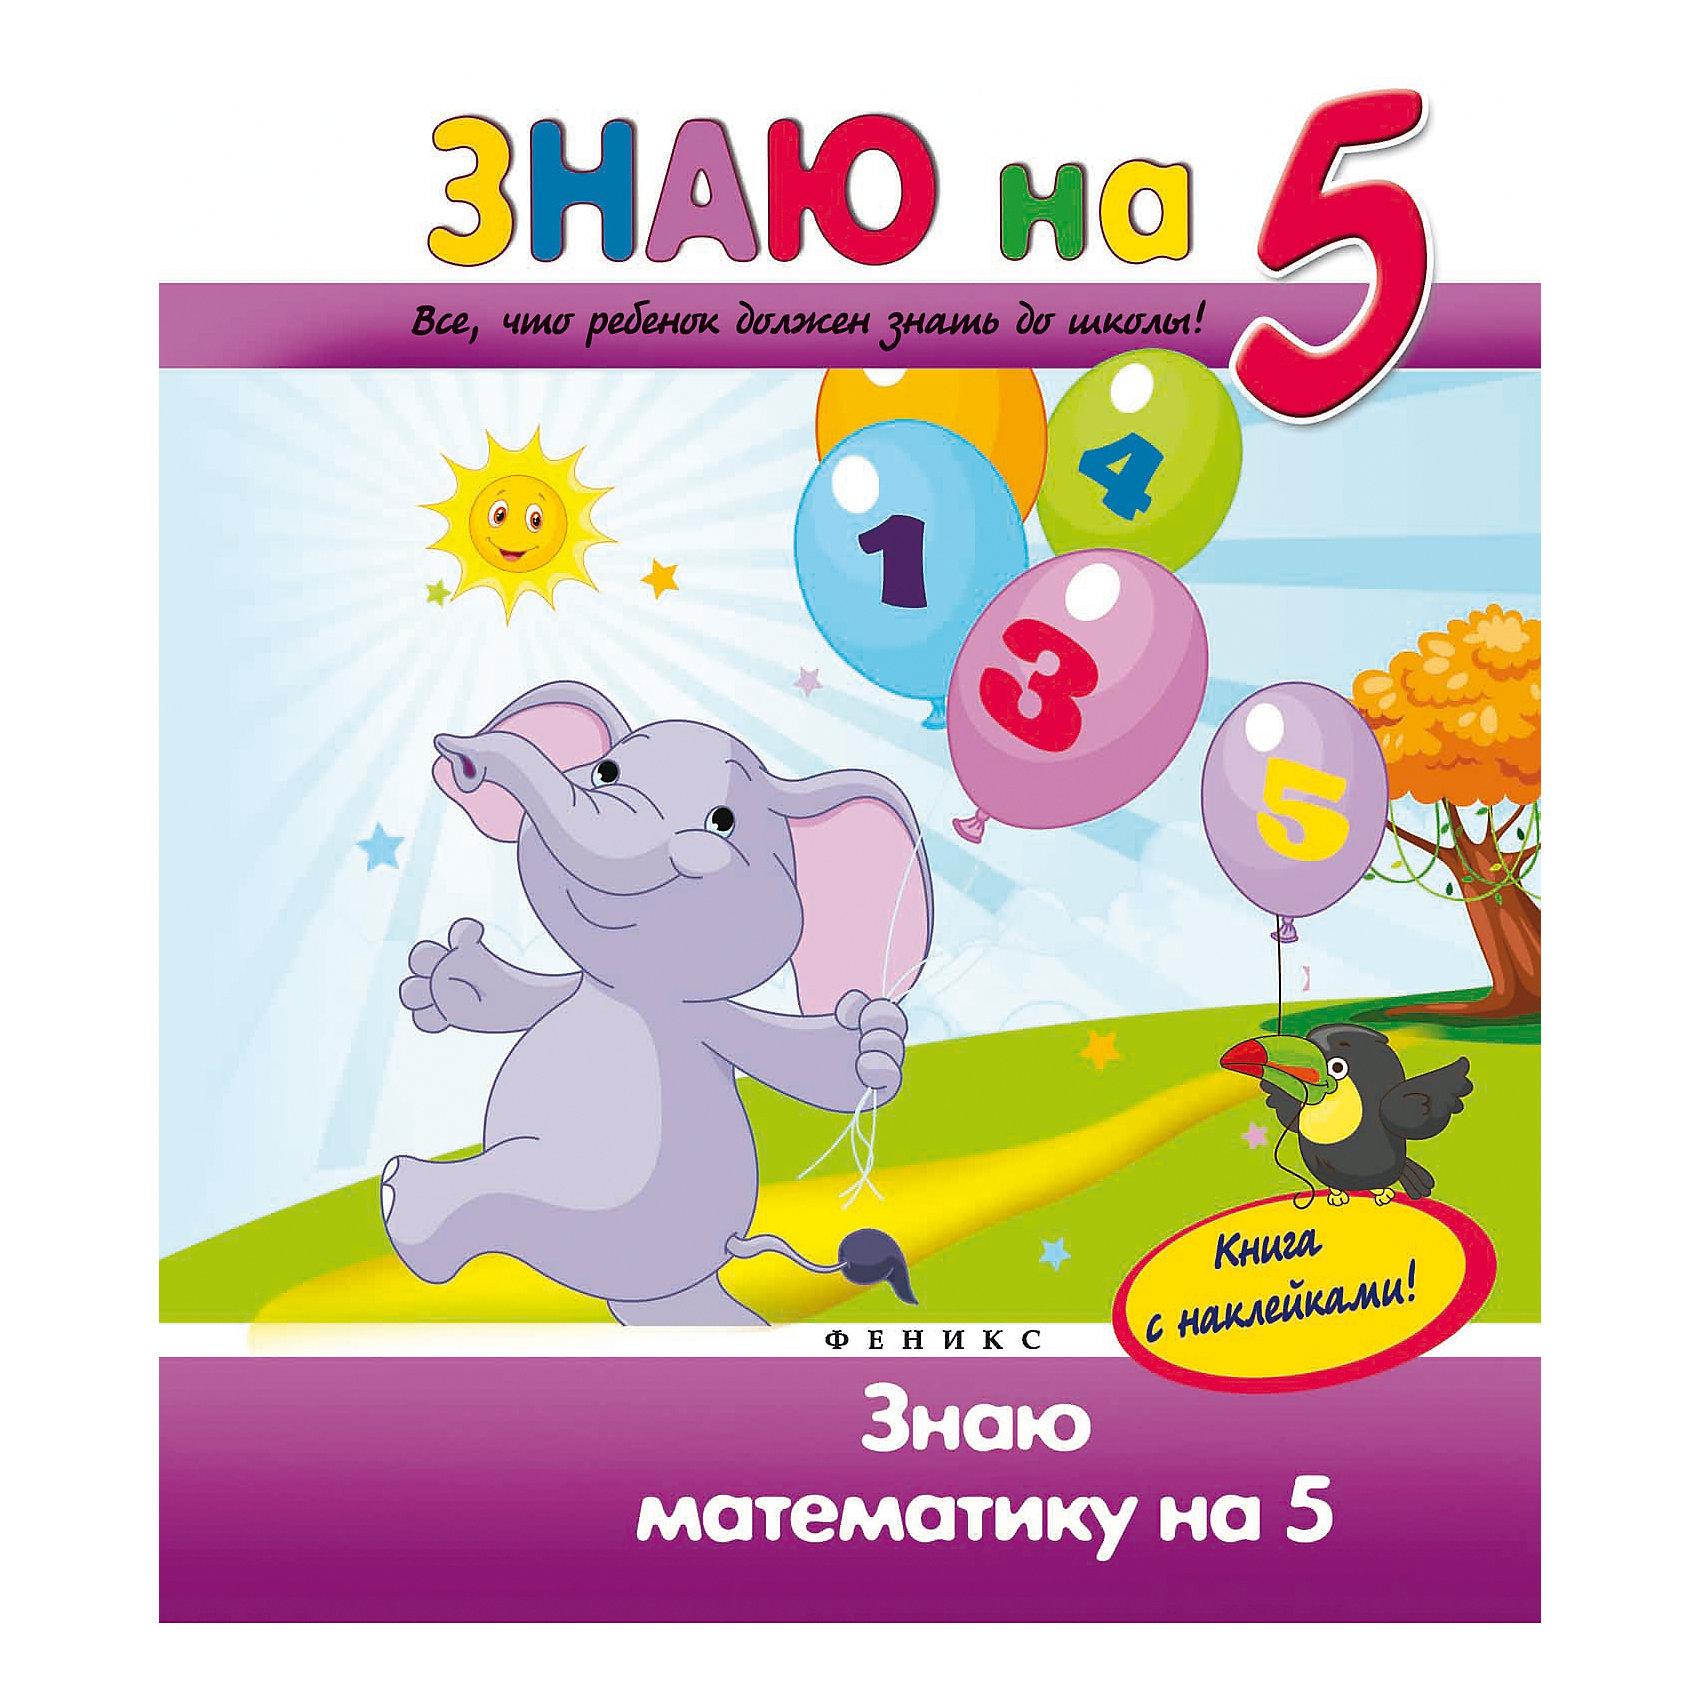 Знаю математику на 5Издание Знаю математику на 5 станет Вам отличным помощником в подготовке будущего первоклассника. Занимаясь по этой книжке, ребенок закрепит знания о цифрах и числах, о составе числа и сравнении, найдет интересную и полезную информацию о геометрических фигурах.<br>Книга дополнена яркими наклейками и красочными рисунками, которые помогут в освоении материала и привлекут внимание ребенка. <br><br><br>Дополнительная информация:<br><br>- Автор: В. А. Белых.<br>- Серия: Знаю на 5.<br>- Обложка: мягкая.<br>- Иллюстрации: цветные.<br>- Объем: 47 стр.<br>- Размер: 26 x 0,5 x 20 см.<br>- Вес: 186 гр.<br><br>Книгу Знаю математику на 5, Феникс-Премьер, можно купить в нашем интернет-магазине.<br><br>Ширина мм: 259<br>Глубина мм: 200<br>Высота мм: 4<br>Вес г: 744<br>Возраст от месяцев: 48<br>Возраст до месяцев: 120<br>Пол: Унисекс<br>Возраст: Детский<br>SKU: 4771377